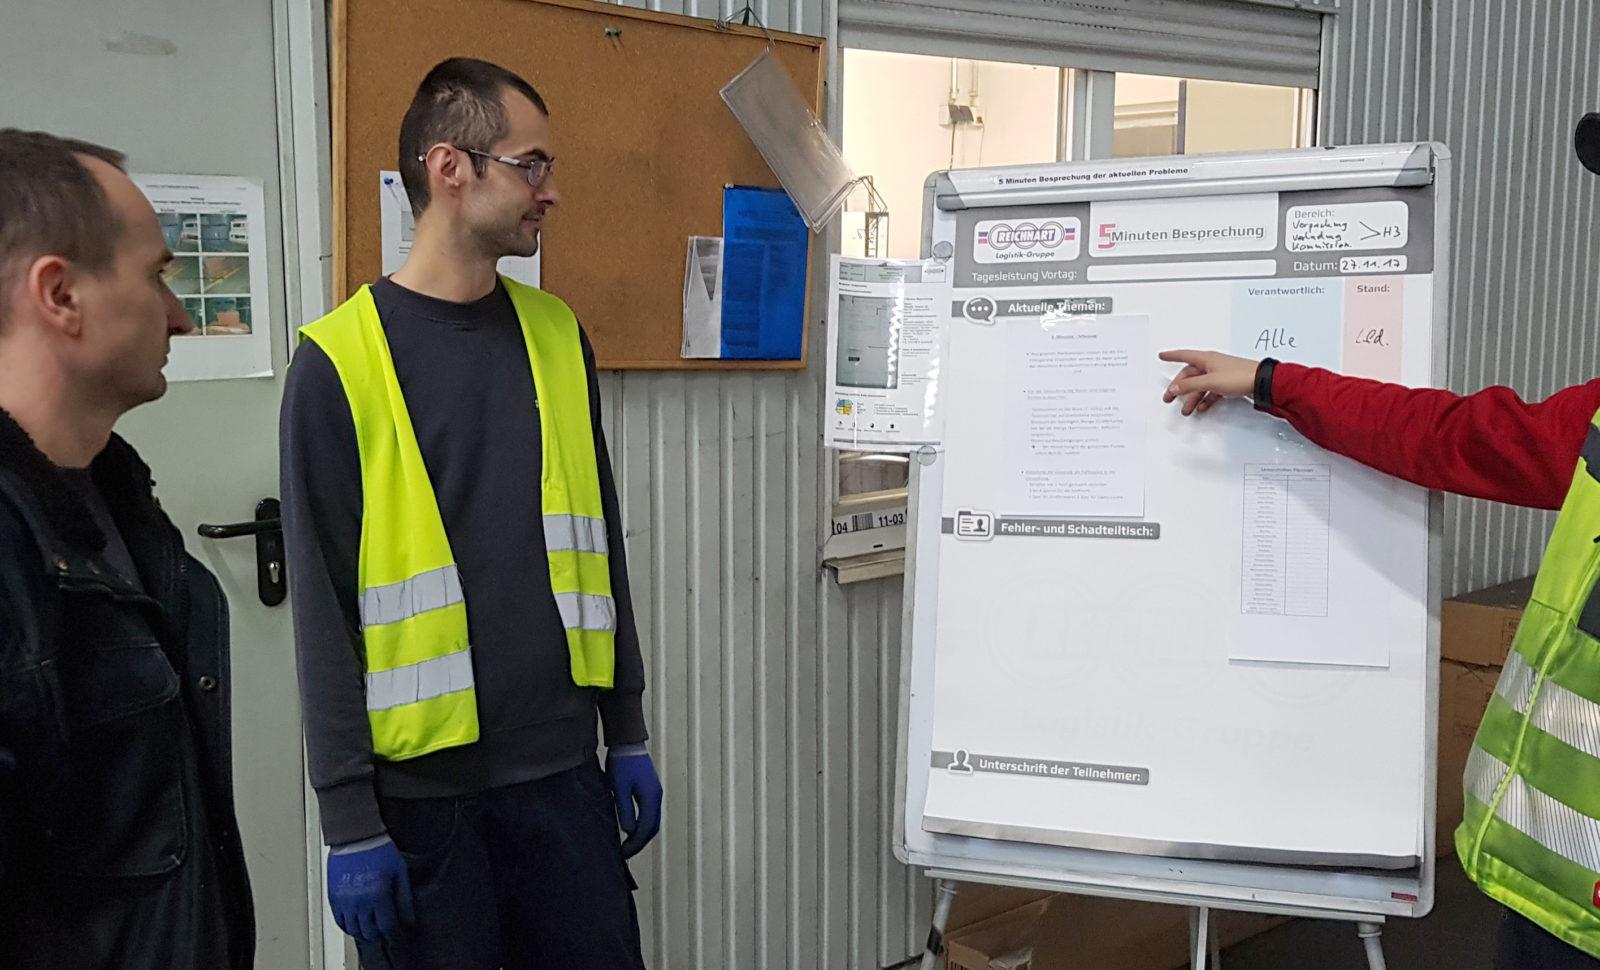 REICHHART Standort steigert Produktivität durch vollen Einbezug der Mitarbeiter